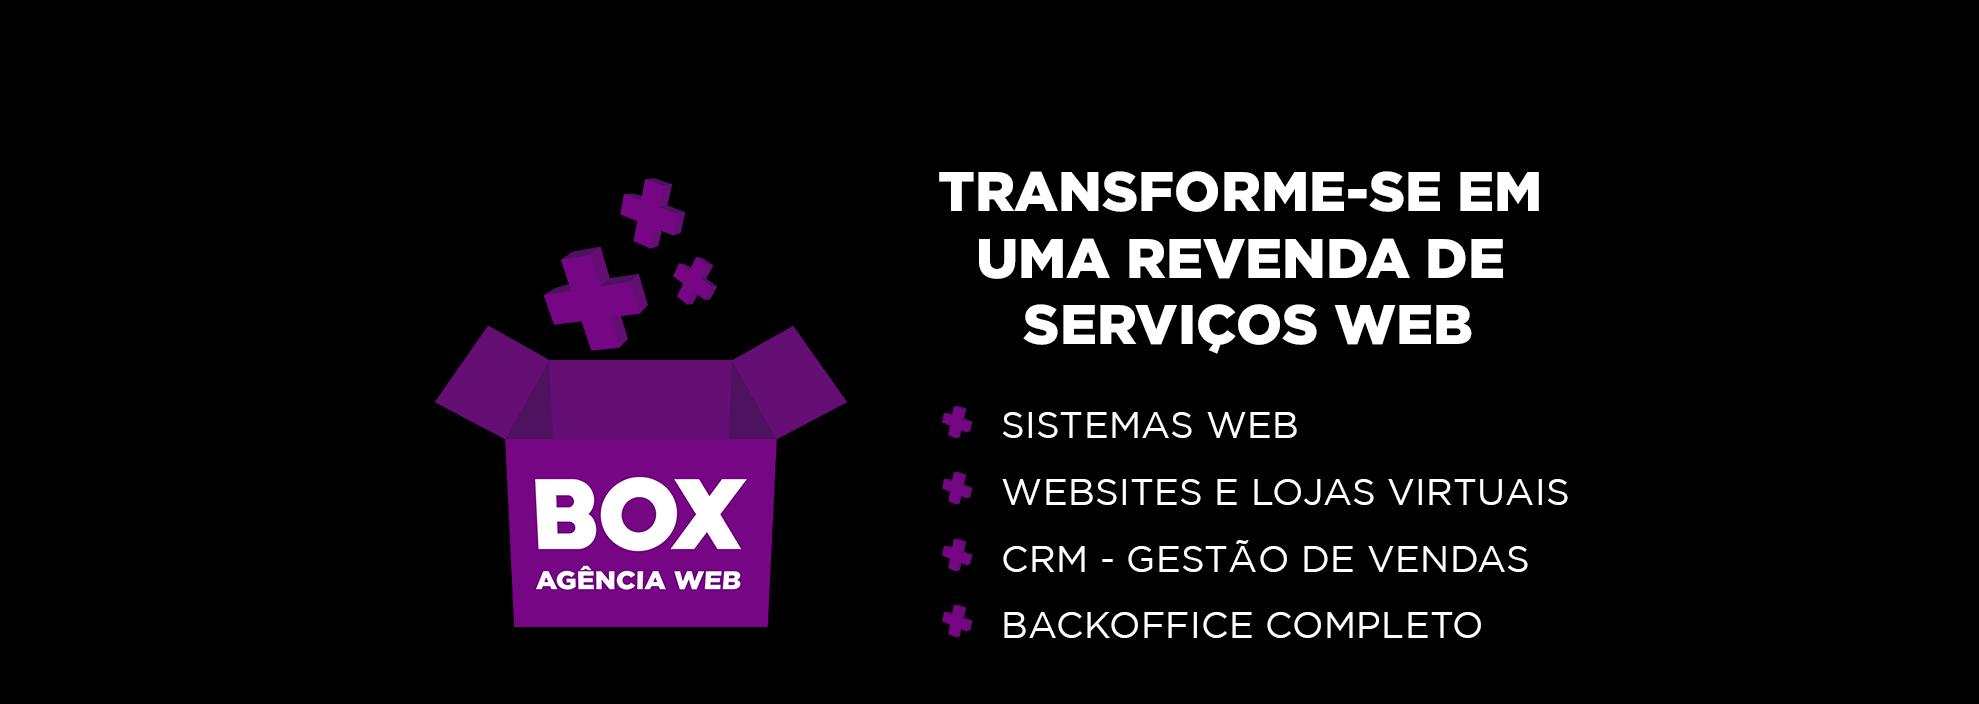 Banner Box Agência